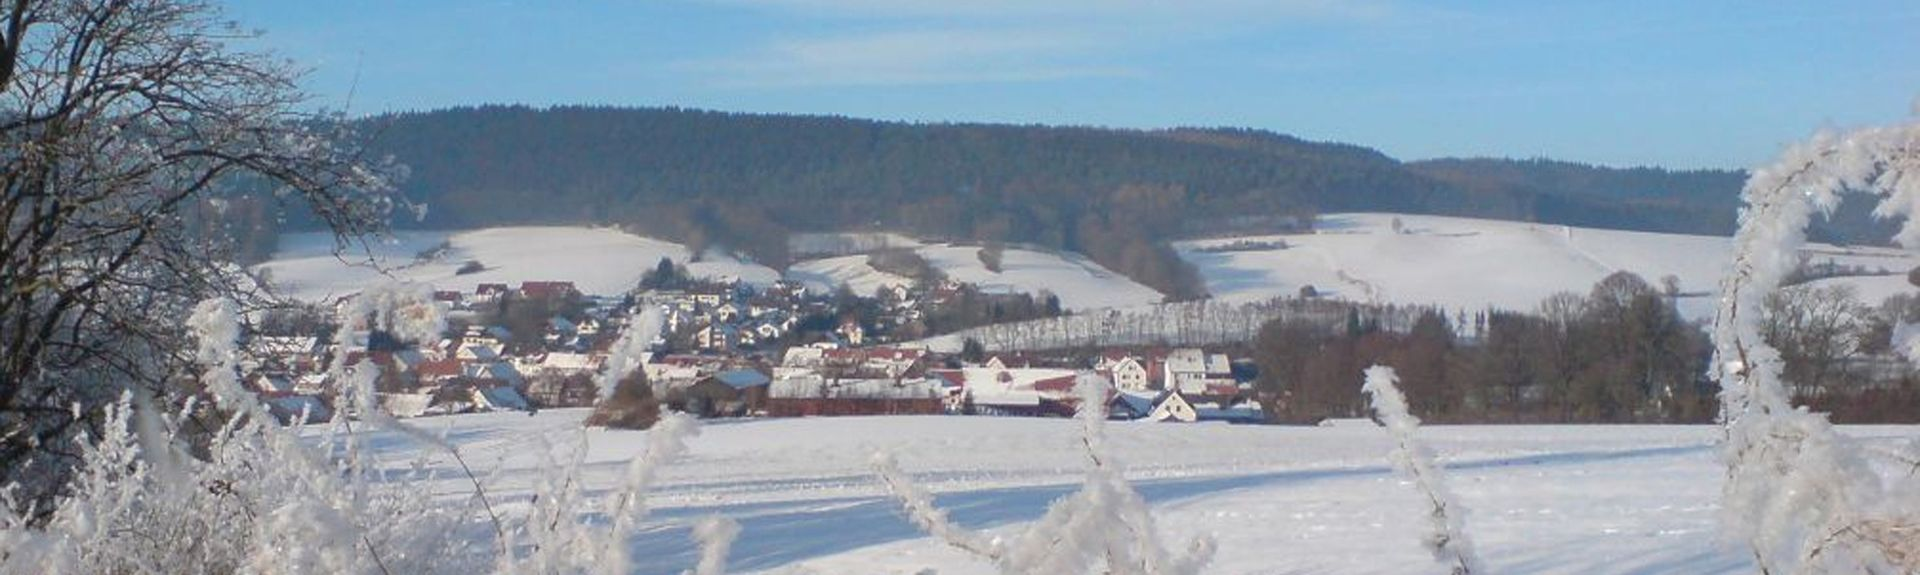 Nentershausen, Hessen, Duitsland